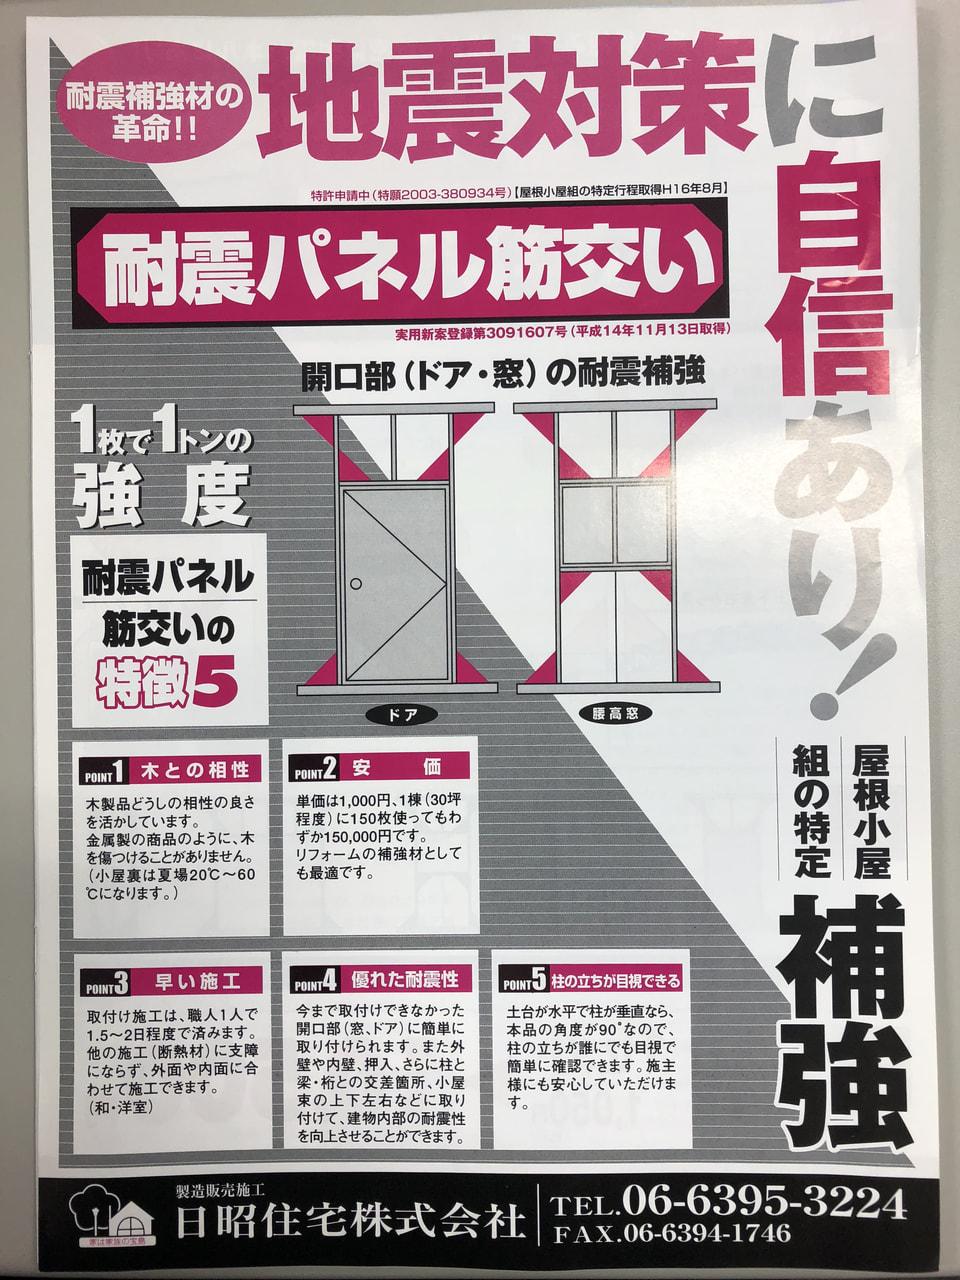 日昭住宅株式会社